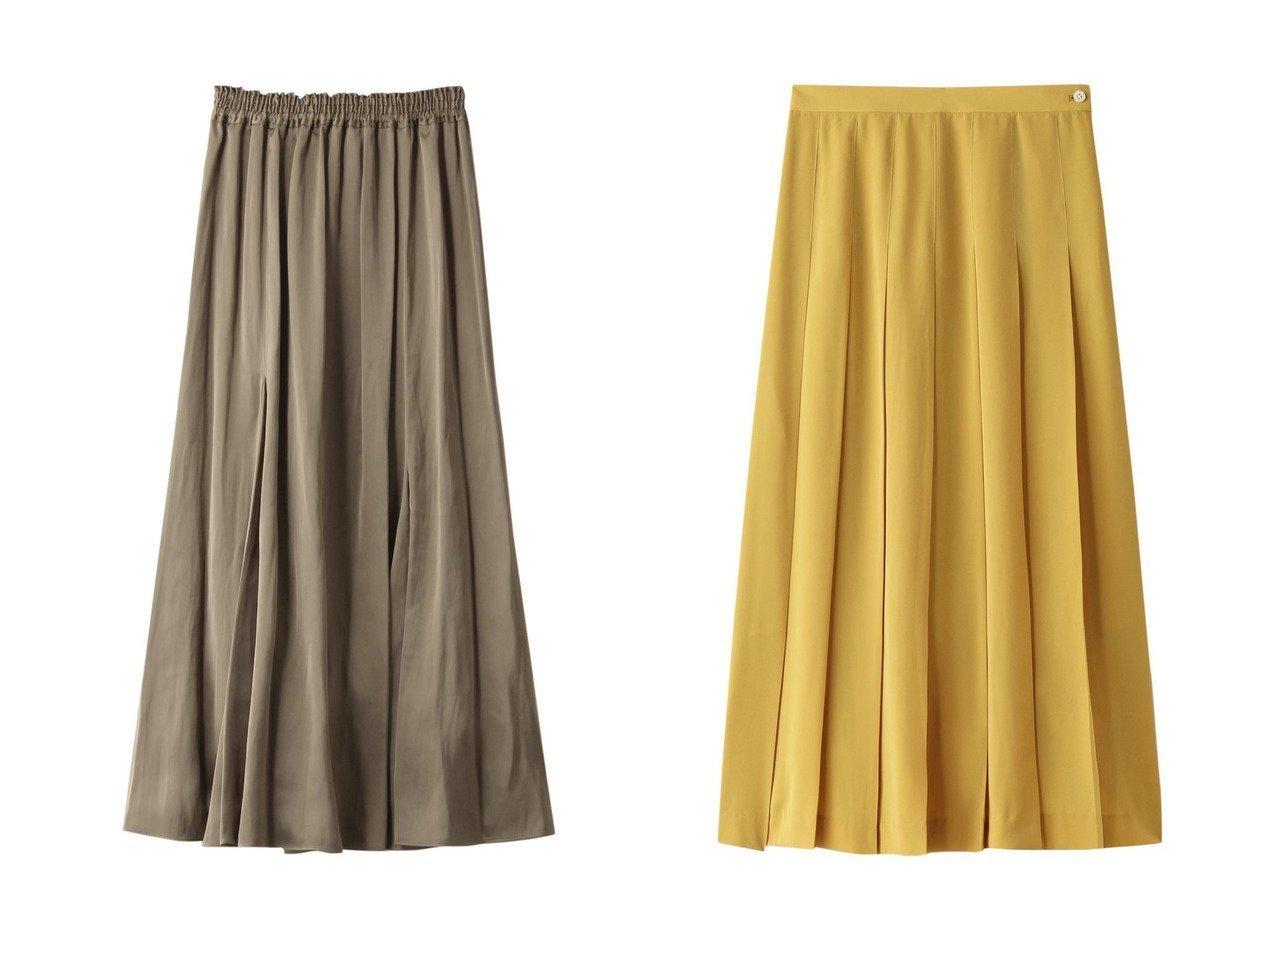 【Chaos/カオス】のCRモイストマチフレアースカート&【PLAIN PEOPLE/プレインピープル】のジーナデシンタックプリーツスカート スカートのおすすめ!人気、トレンド・レディースファッションの通販  おすすめで人気の流行・トレンド、ファッションの通販商品 メンズファッション・キッズファッション・インテリア・家具・レディースファッション・服の通販 founy(ファニー) https://founy.com/ ファッション Fashion レディースファッション WOMEN スカート Skirt プリーツスカート Pleated Skirts ロングスカート Long Skirt フレア リラックス ガーリー フェミニン プリーツ ロング |ID:crp329100000009768